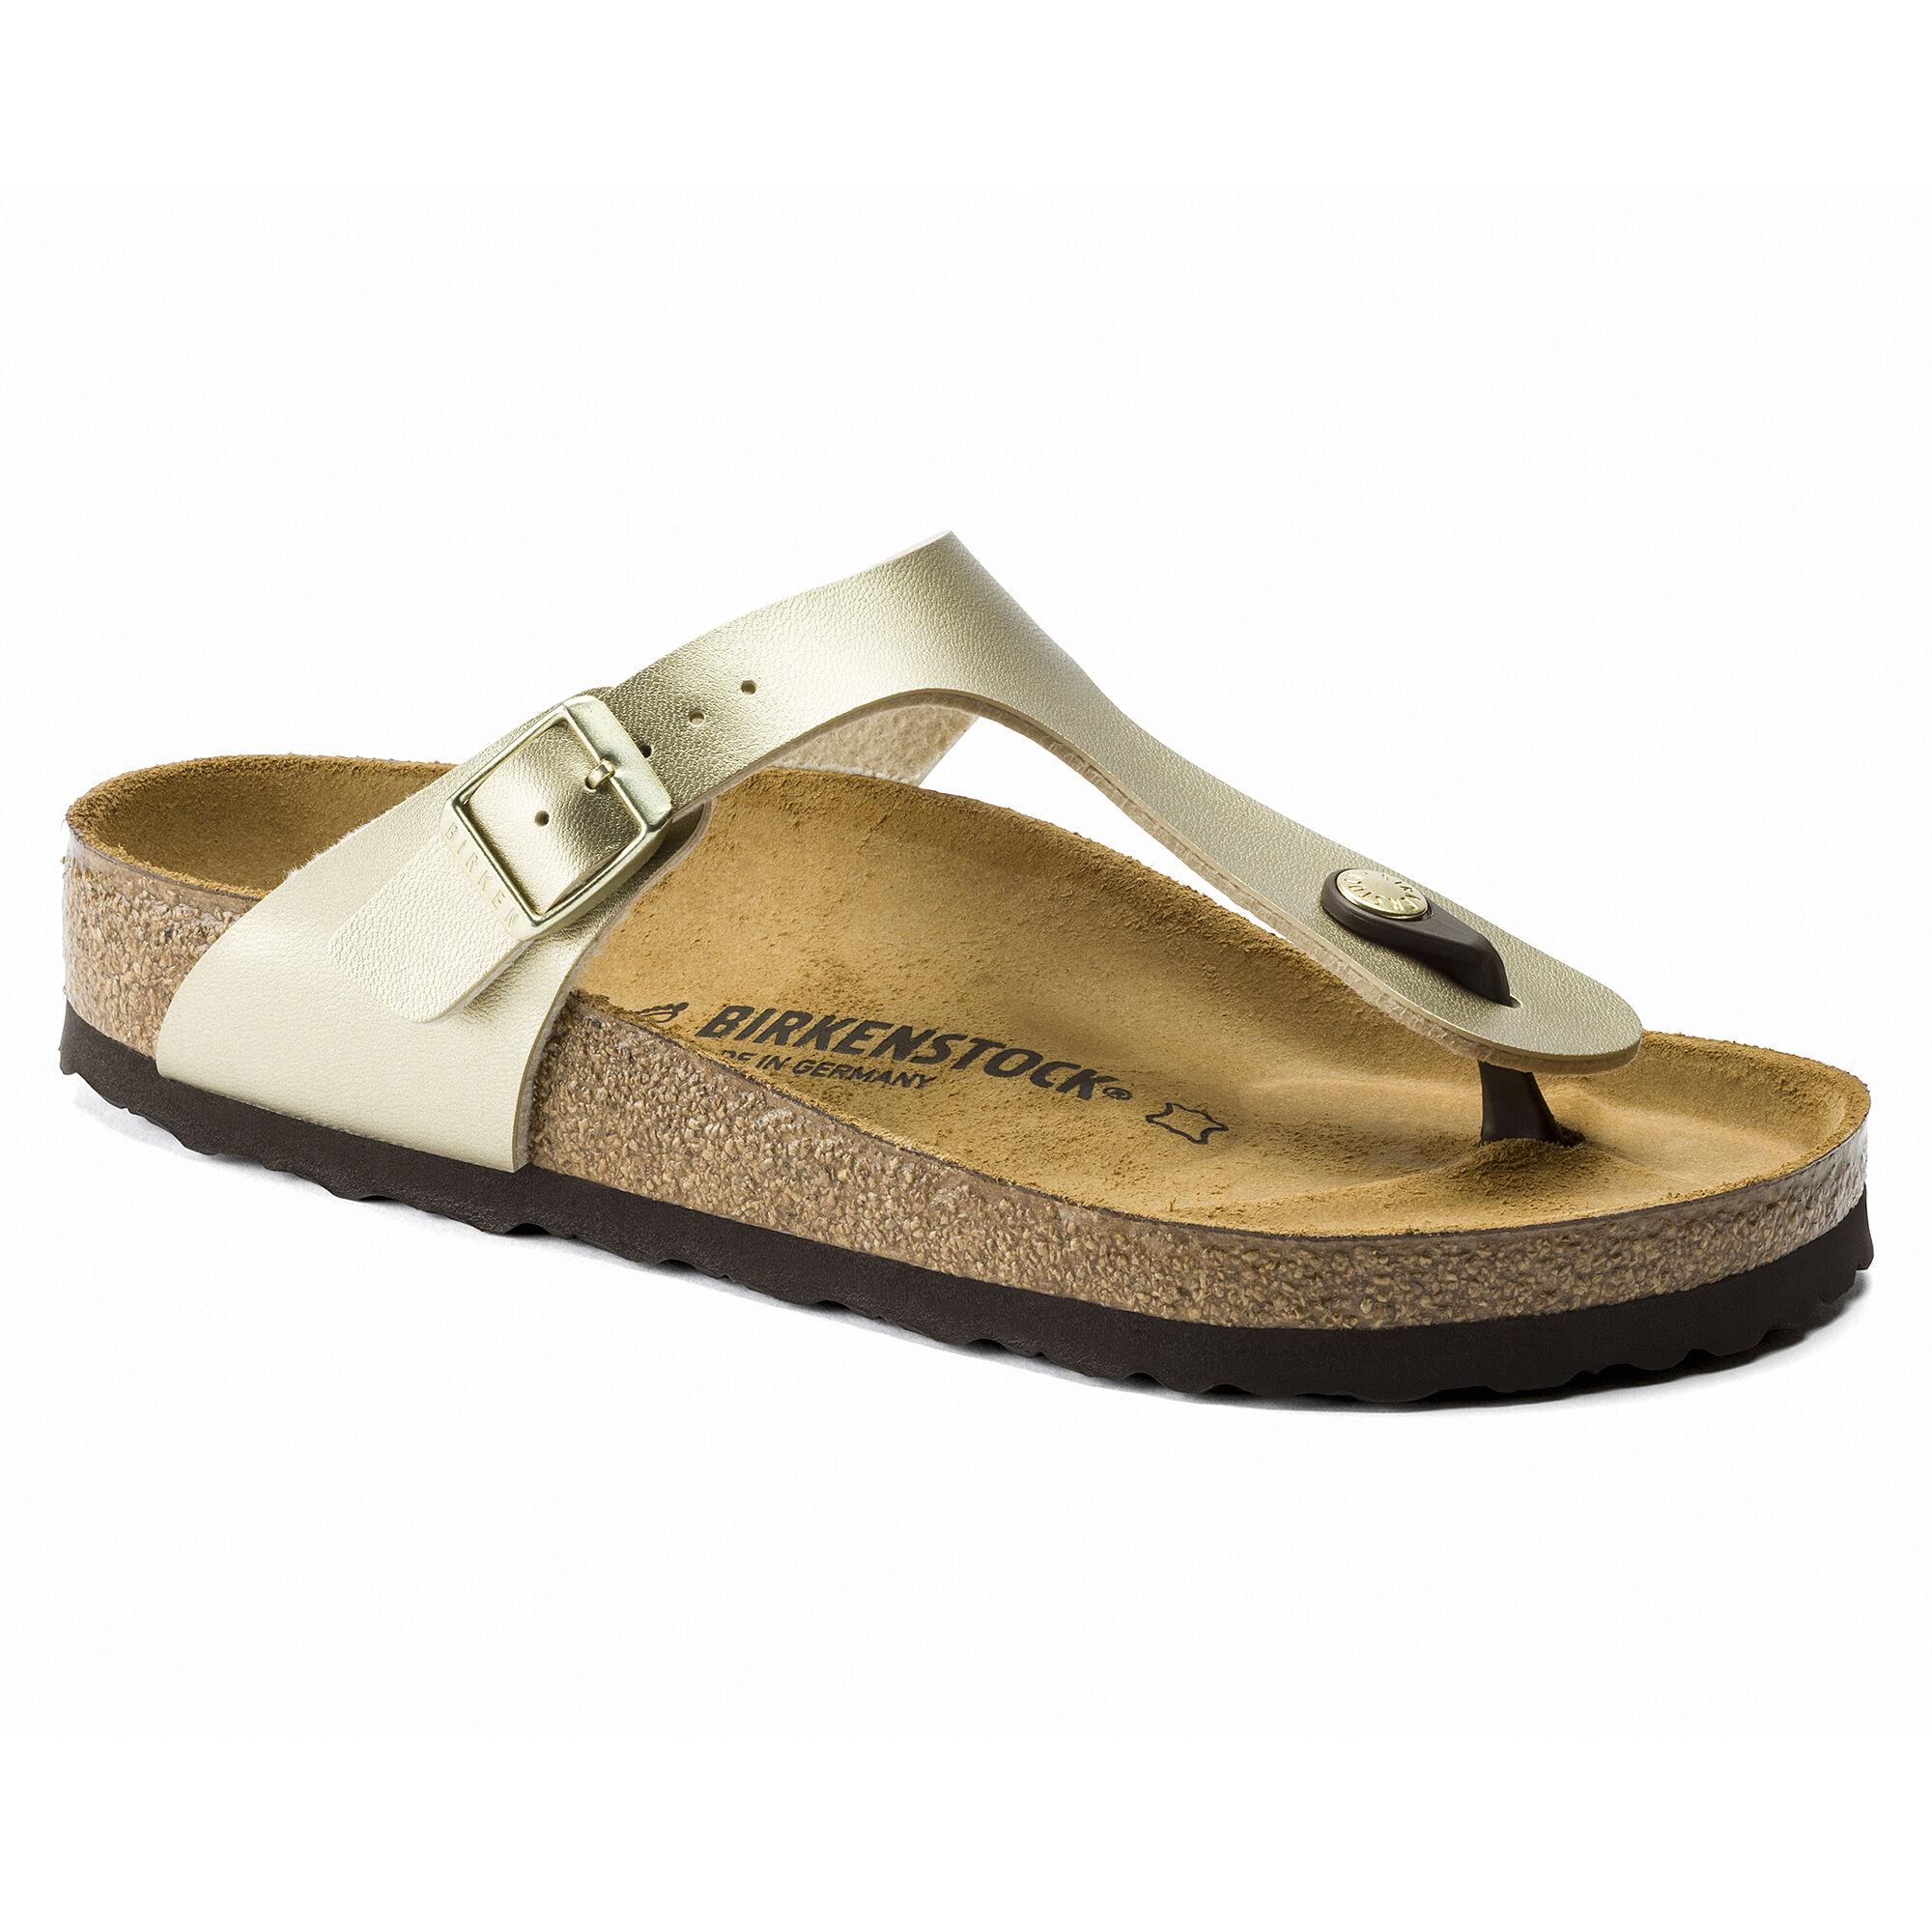 BIRKENSTOCK Schuhe und Sandalen für Herren   online kaufen